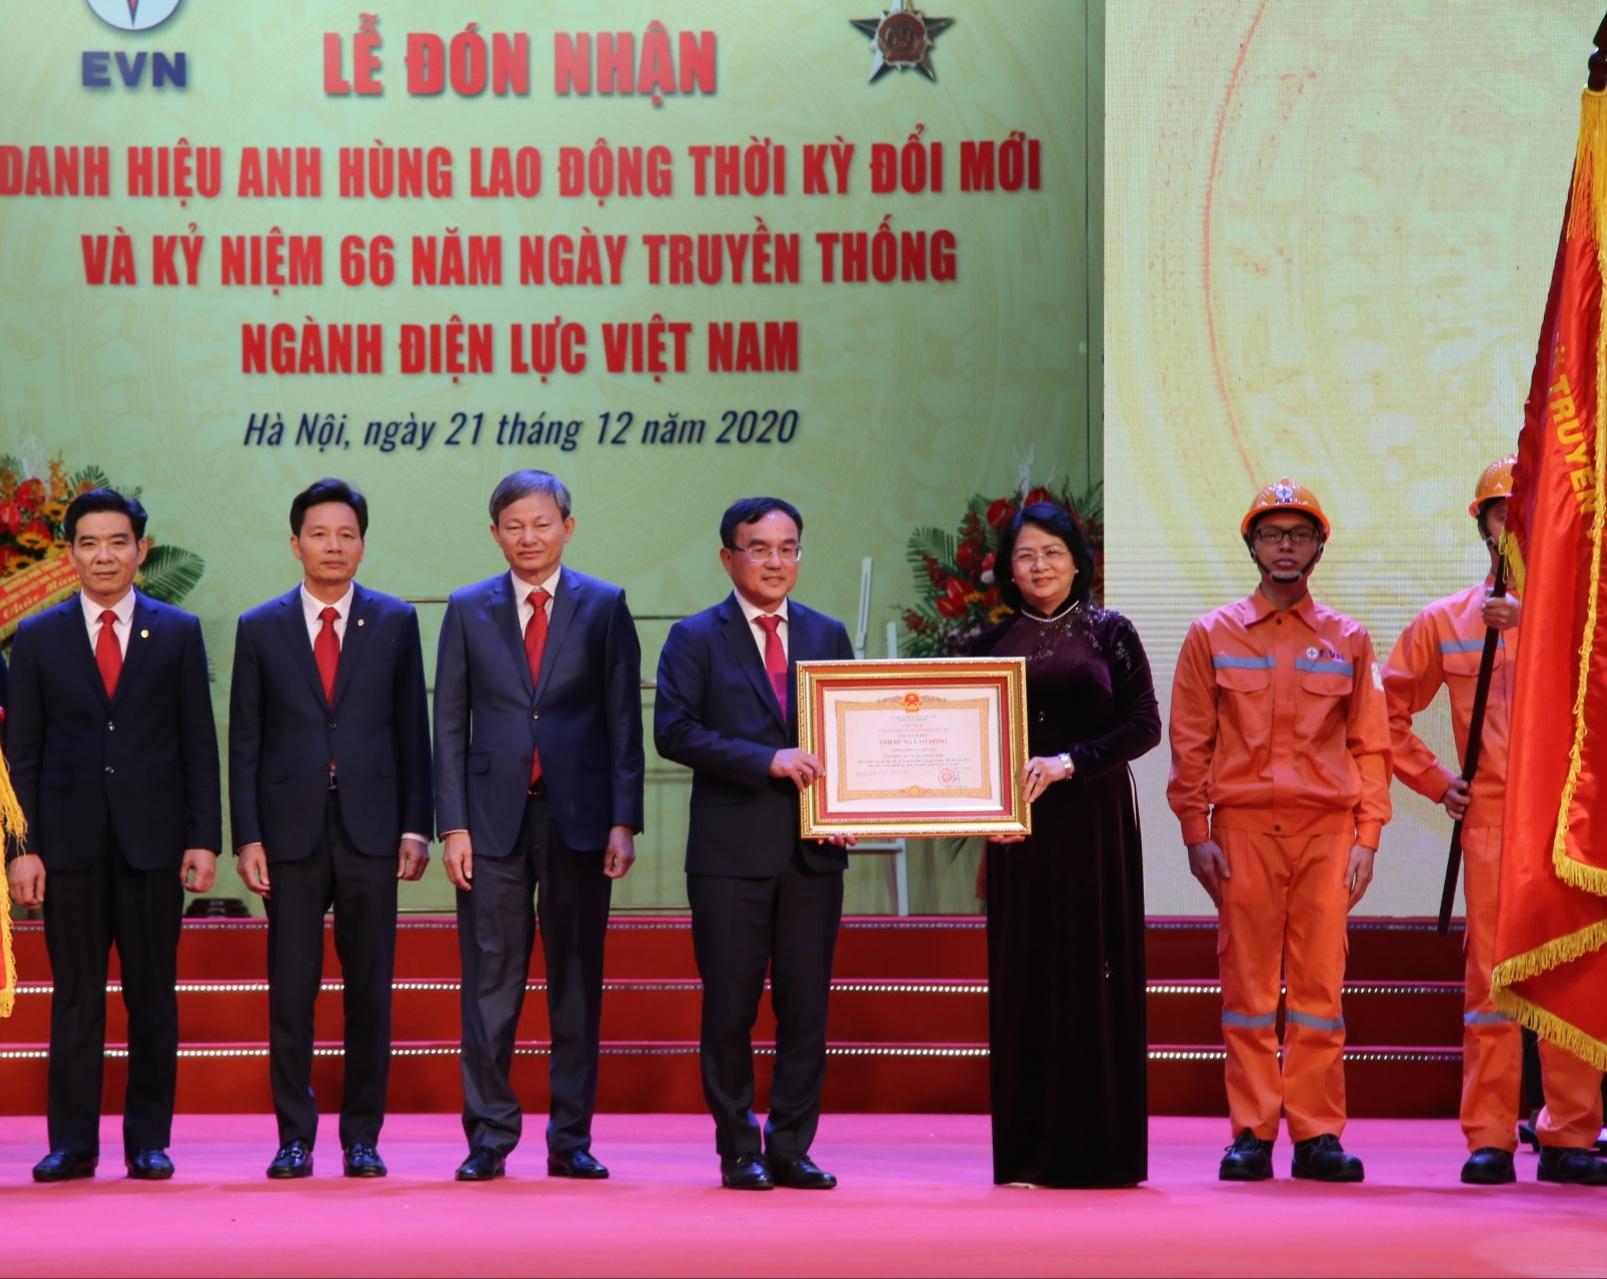 Tập đoàn Điện lực Việt Nam nhận danh hiệu Anh hùng Lao động thời kỳ đổi